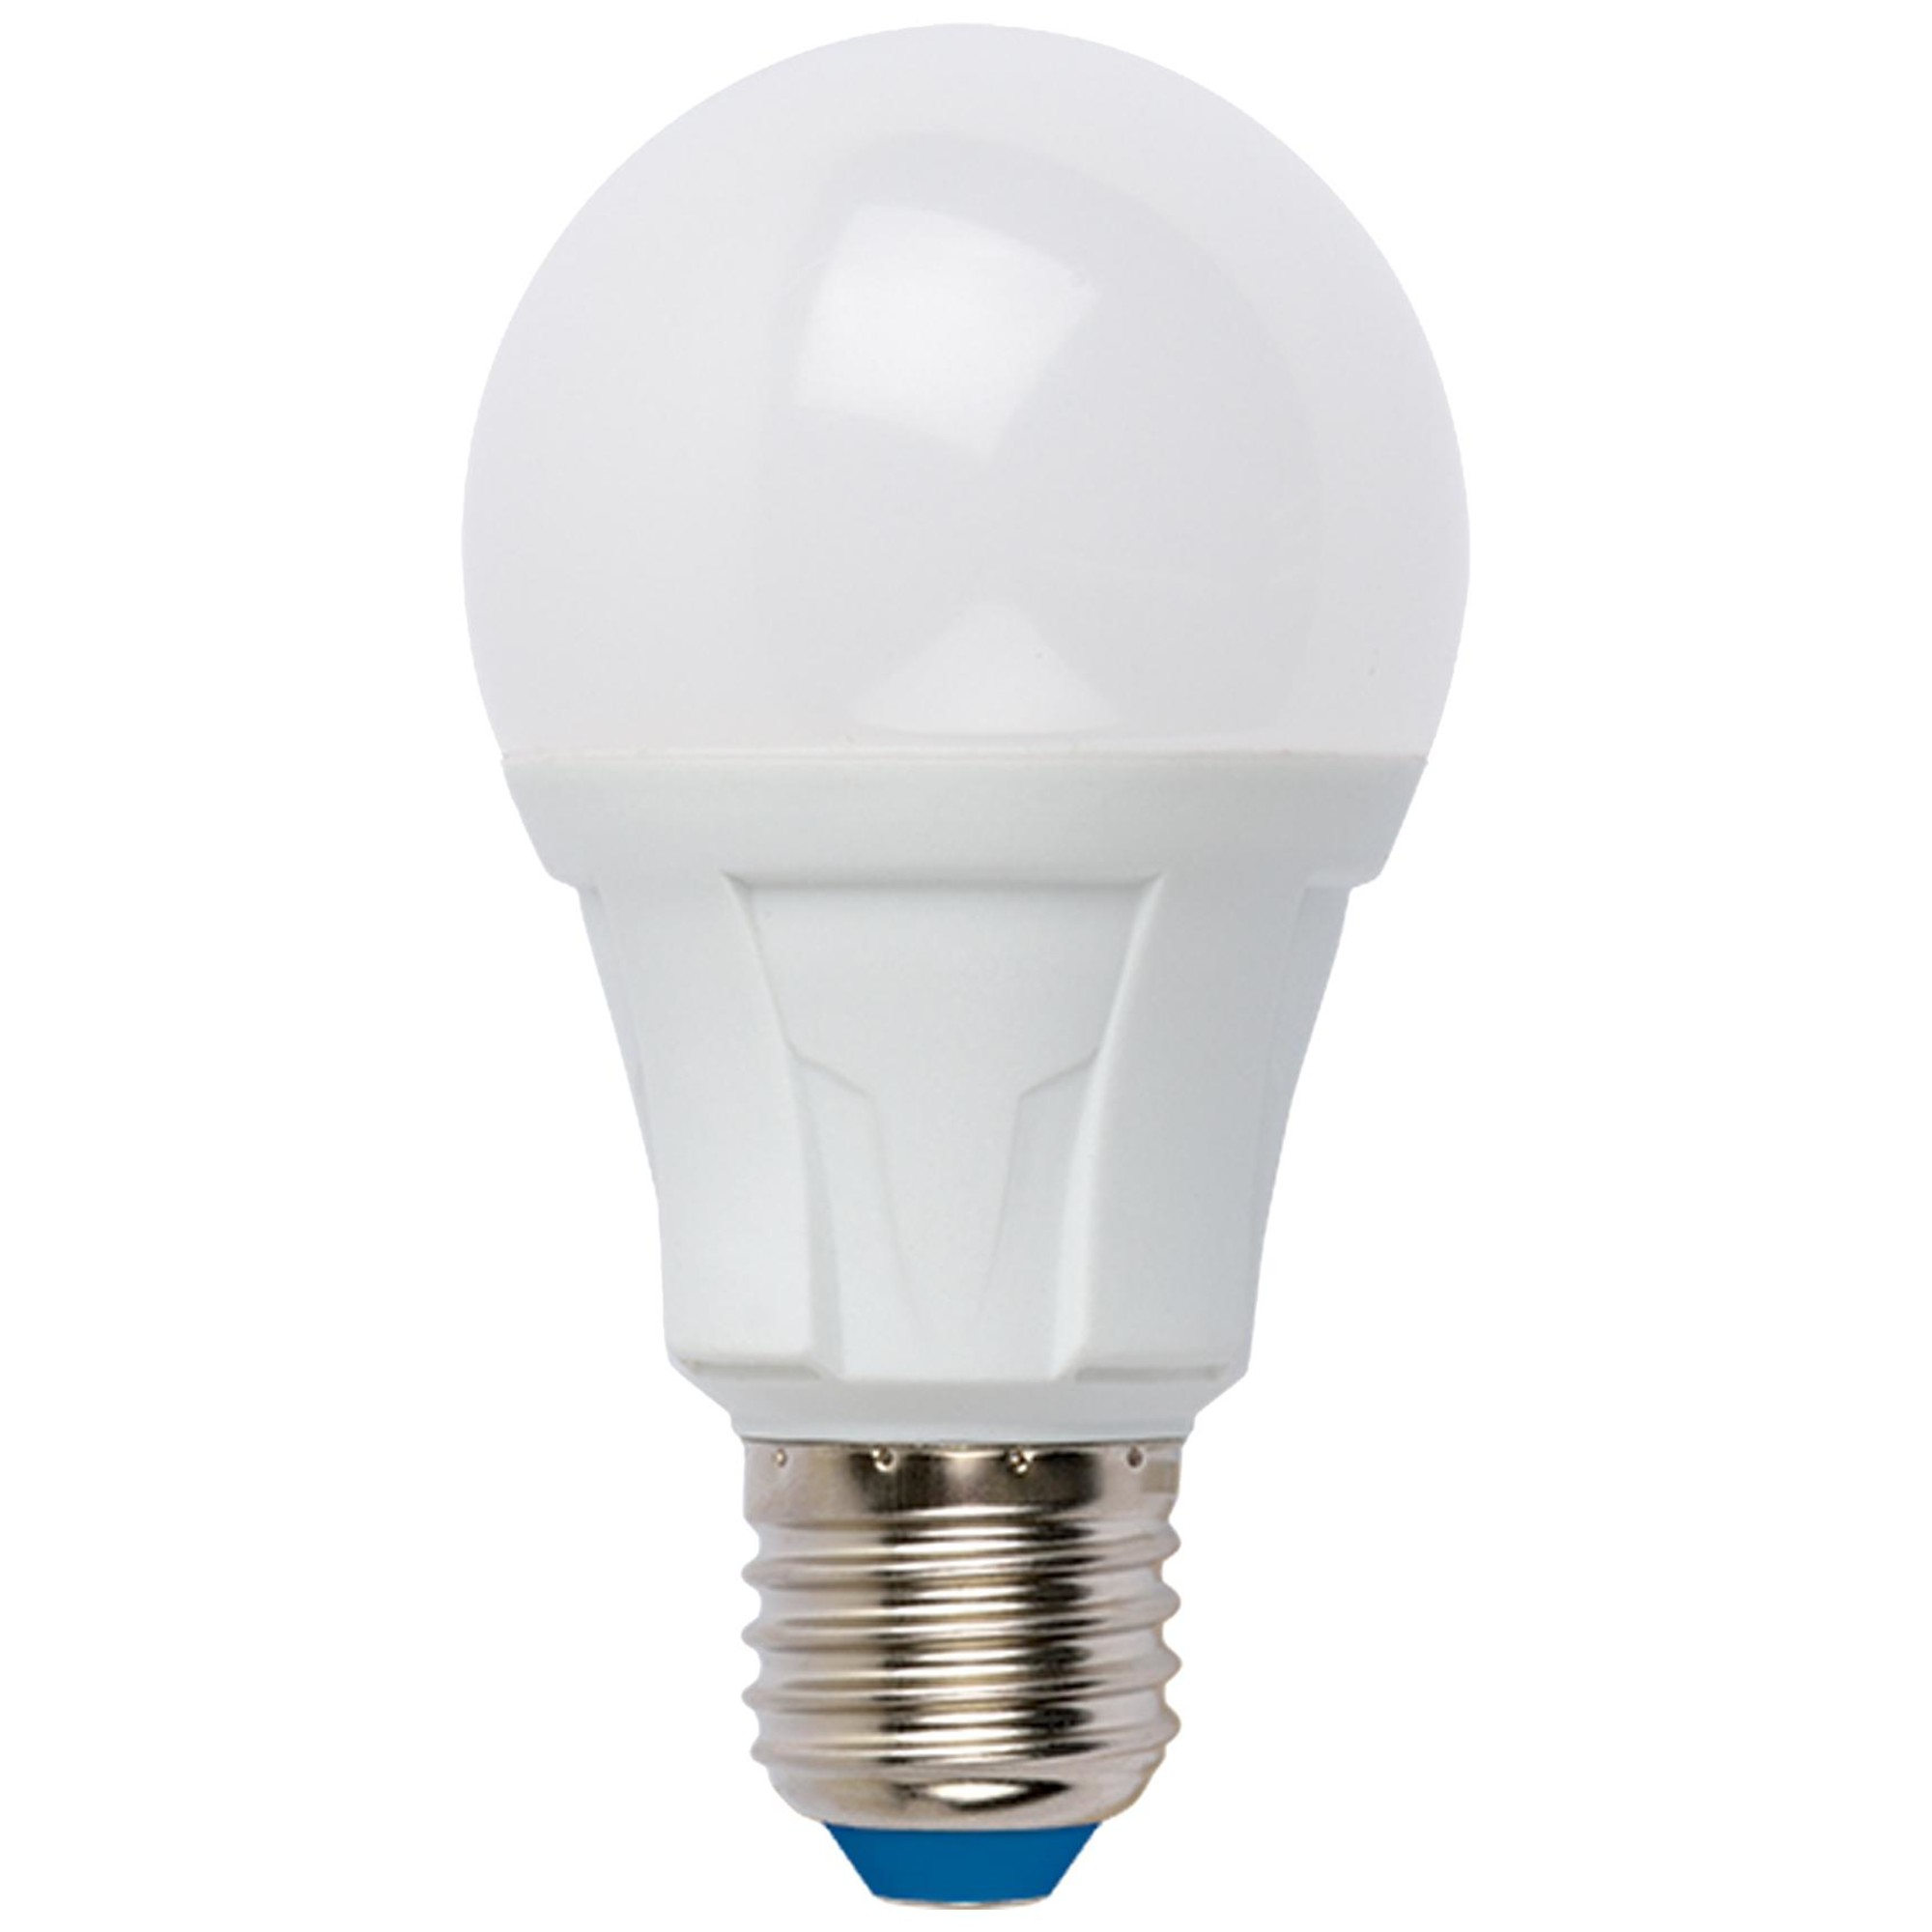 Лампа светодиодная Uniel Яркая E27 груша 700 Лм 8 Вт теплый белый (желтый)